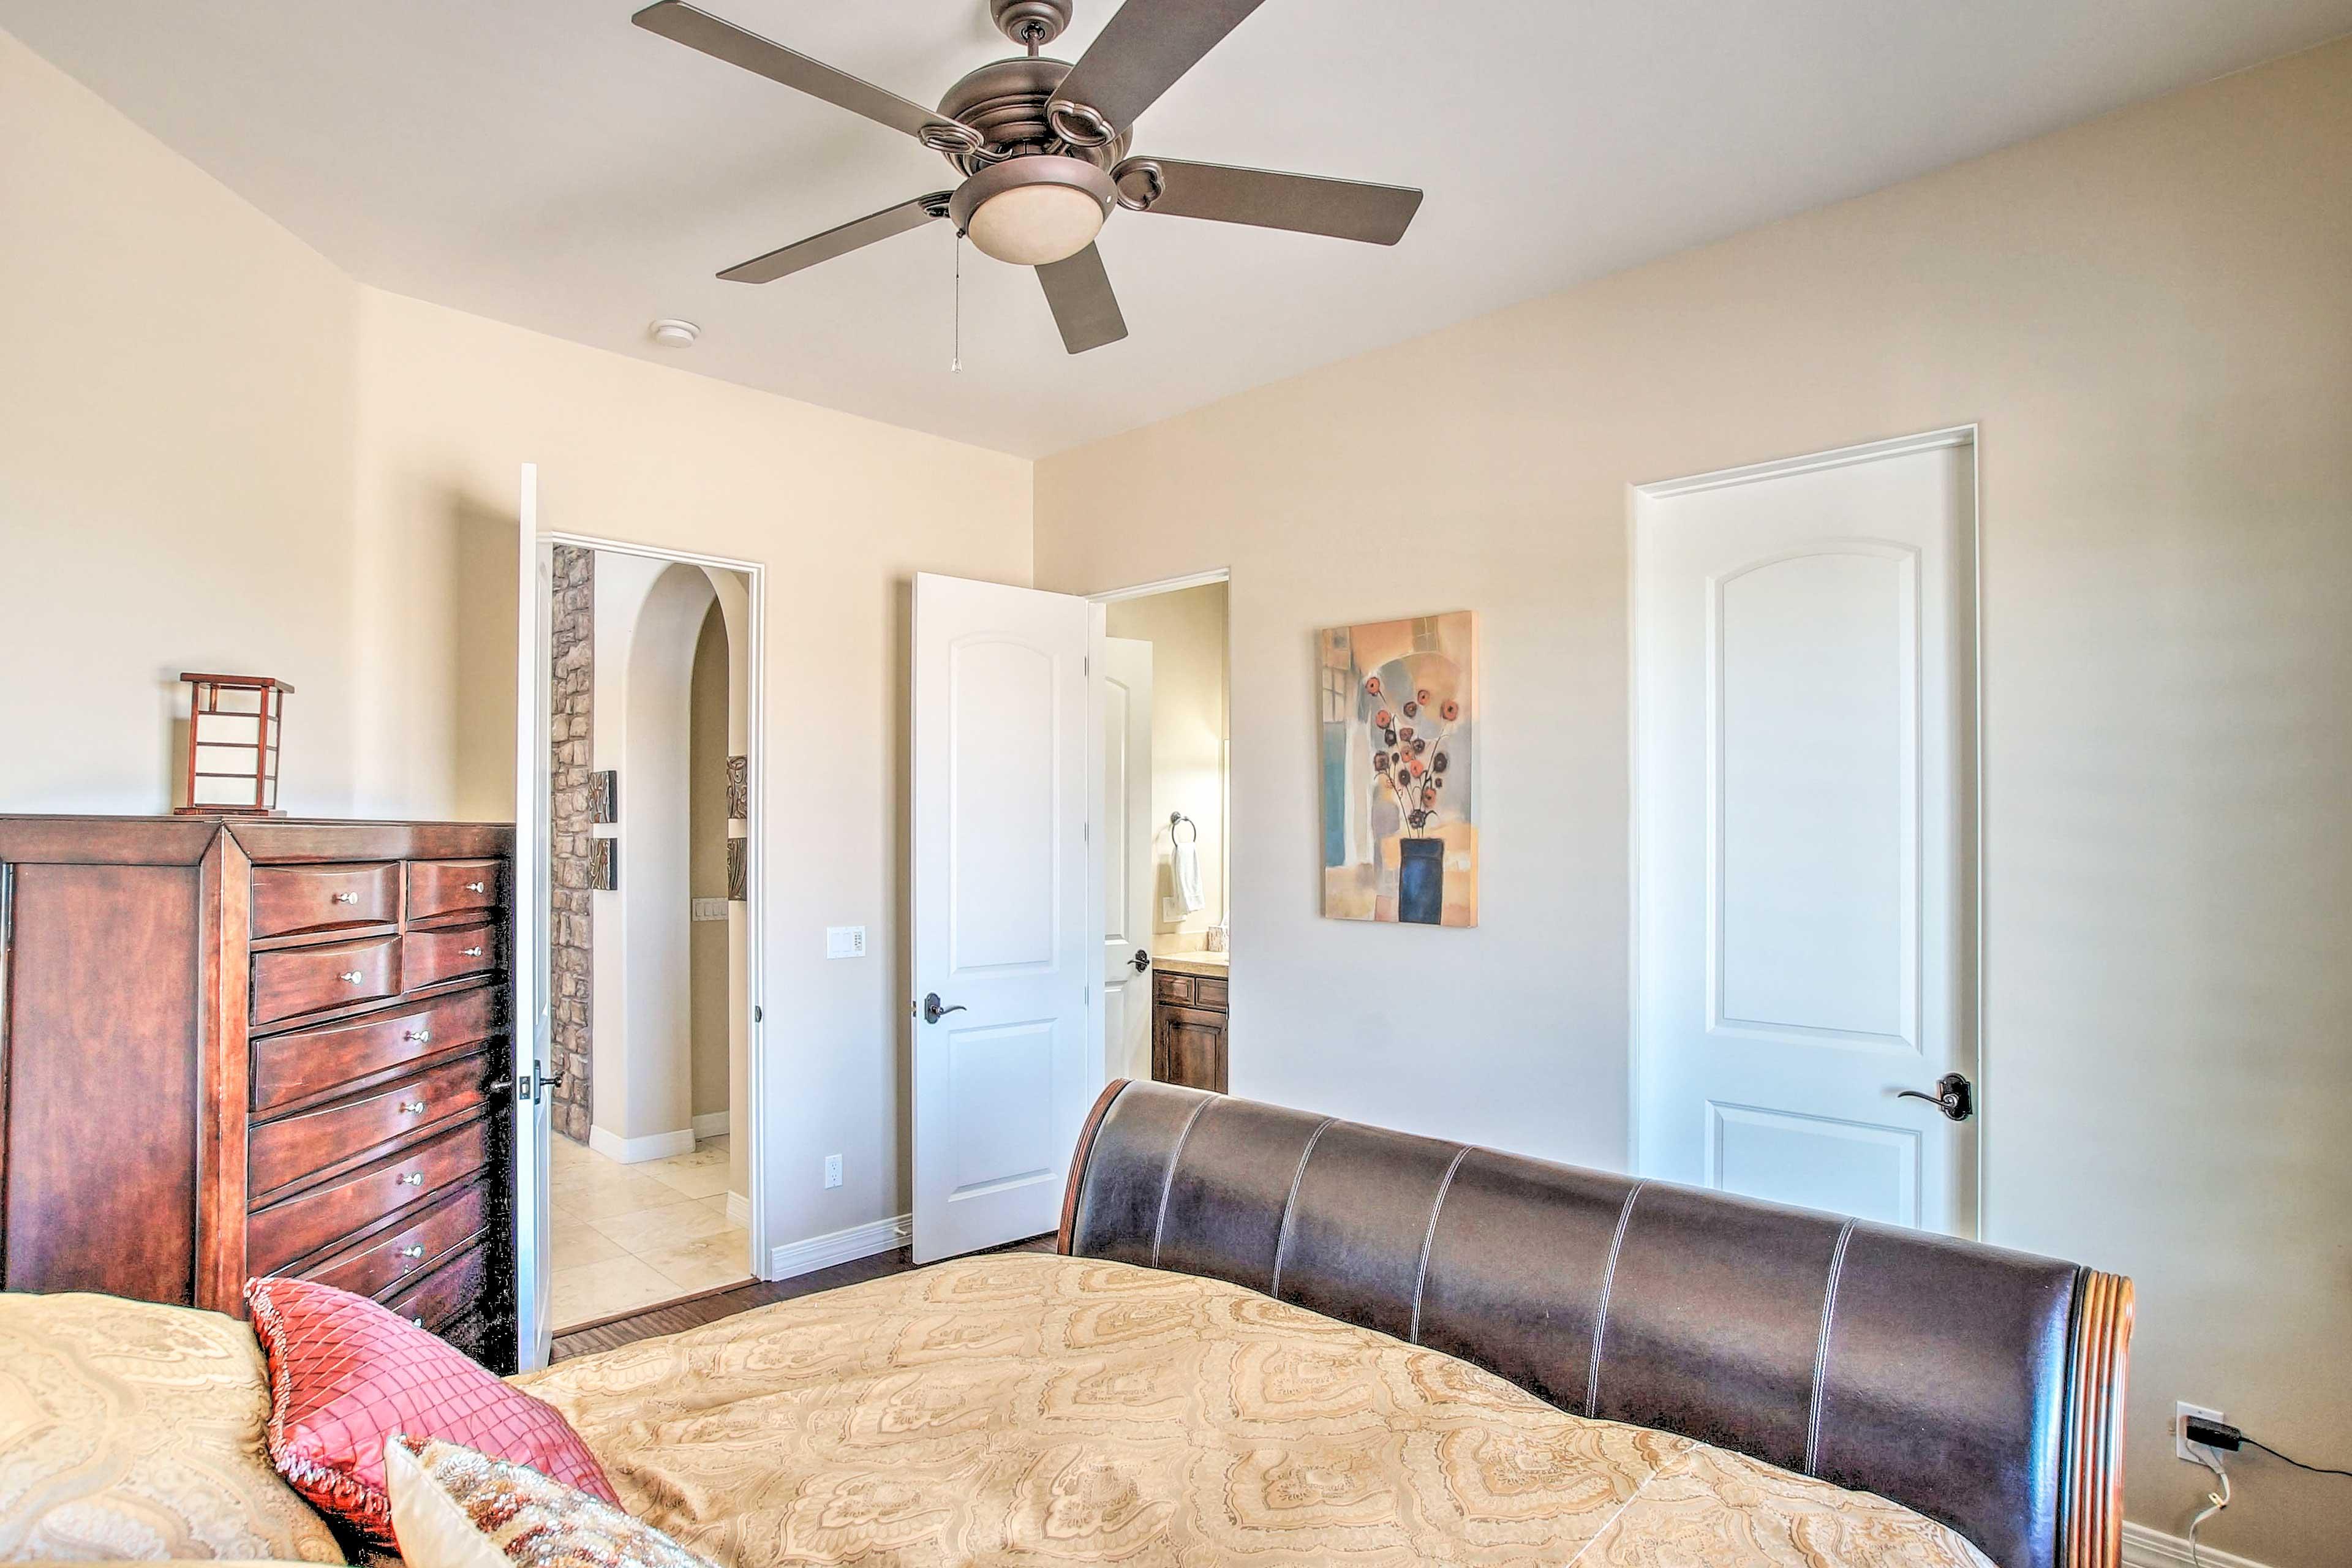 The room features an en-suite bathroom.